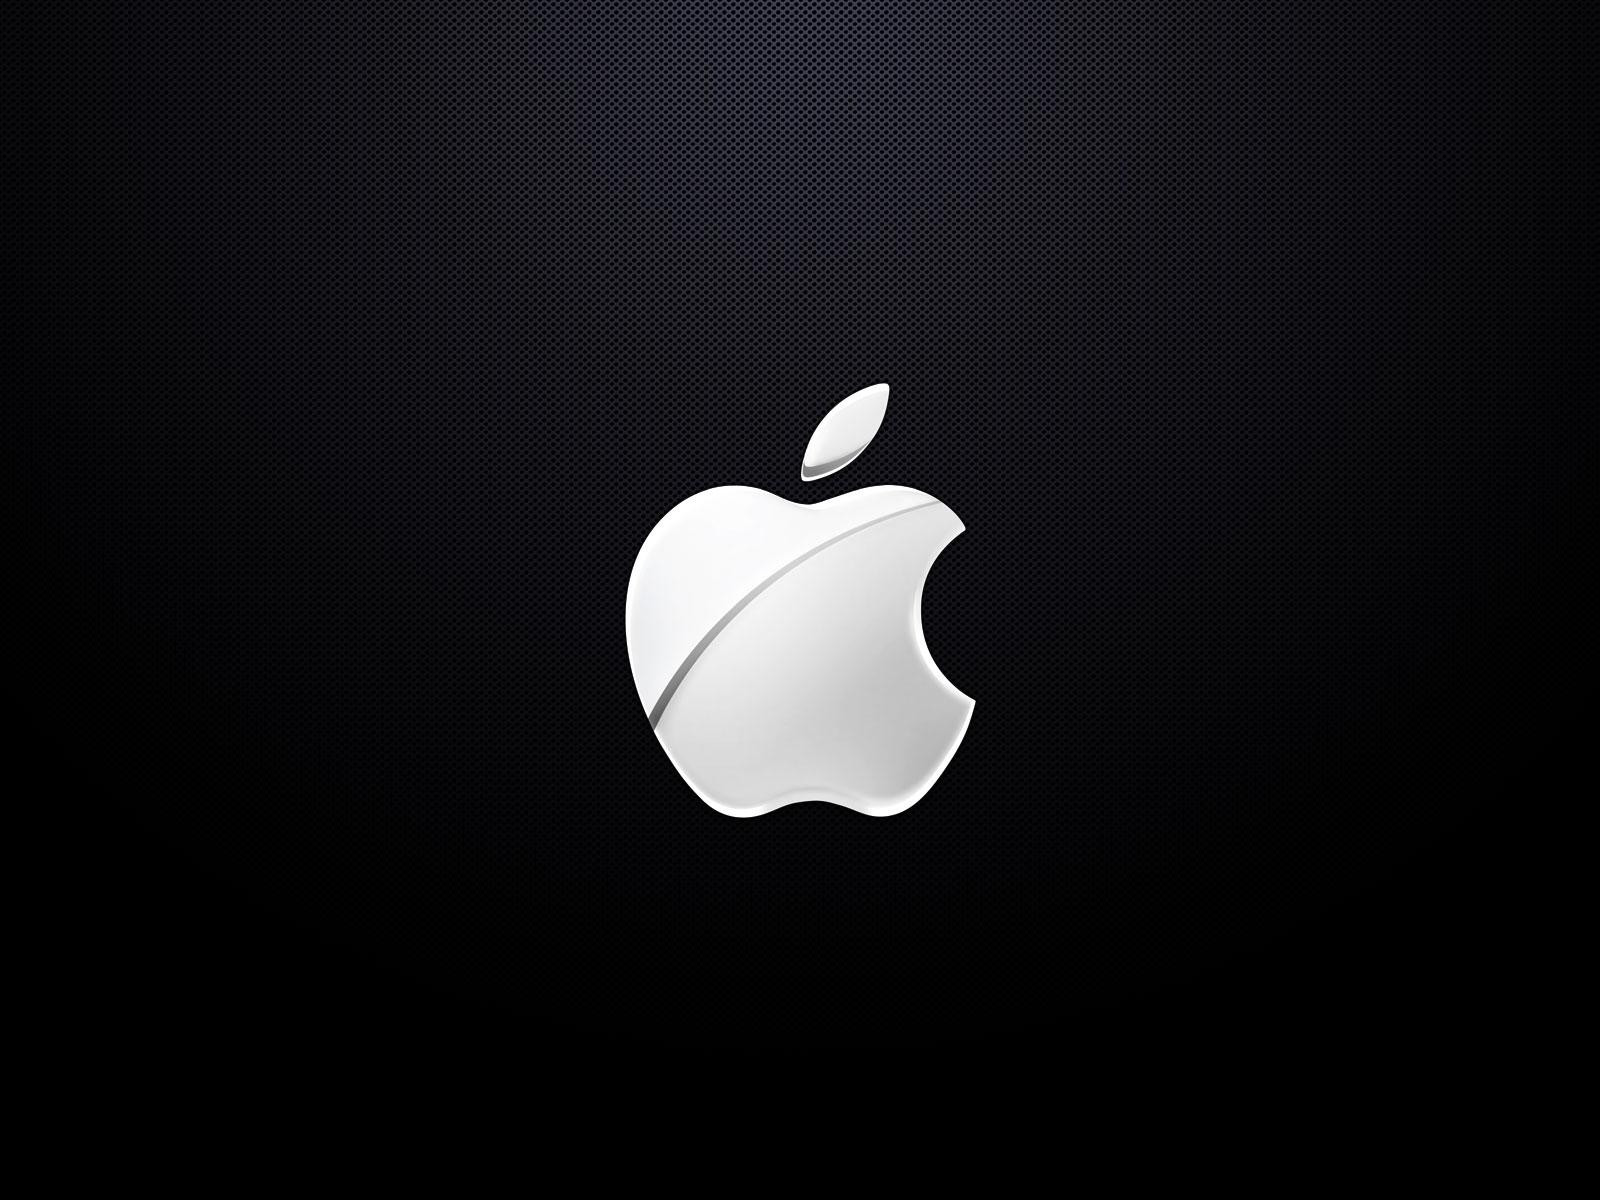 http://4.bp.blogspot.com/-oVBo4MQTCbA/UF-Gp2zbheI/AAAAAAAAN-M/RZcEqdURdXI/s1600/Apple+001.jpg